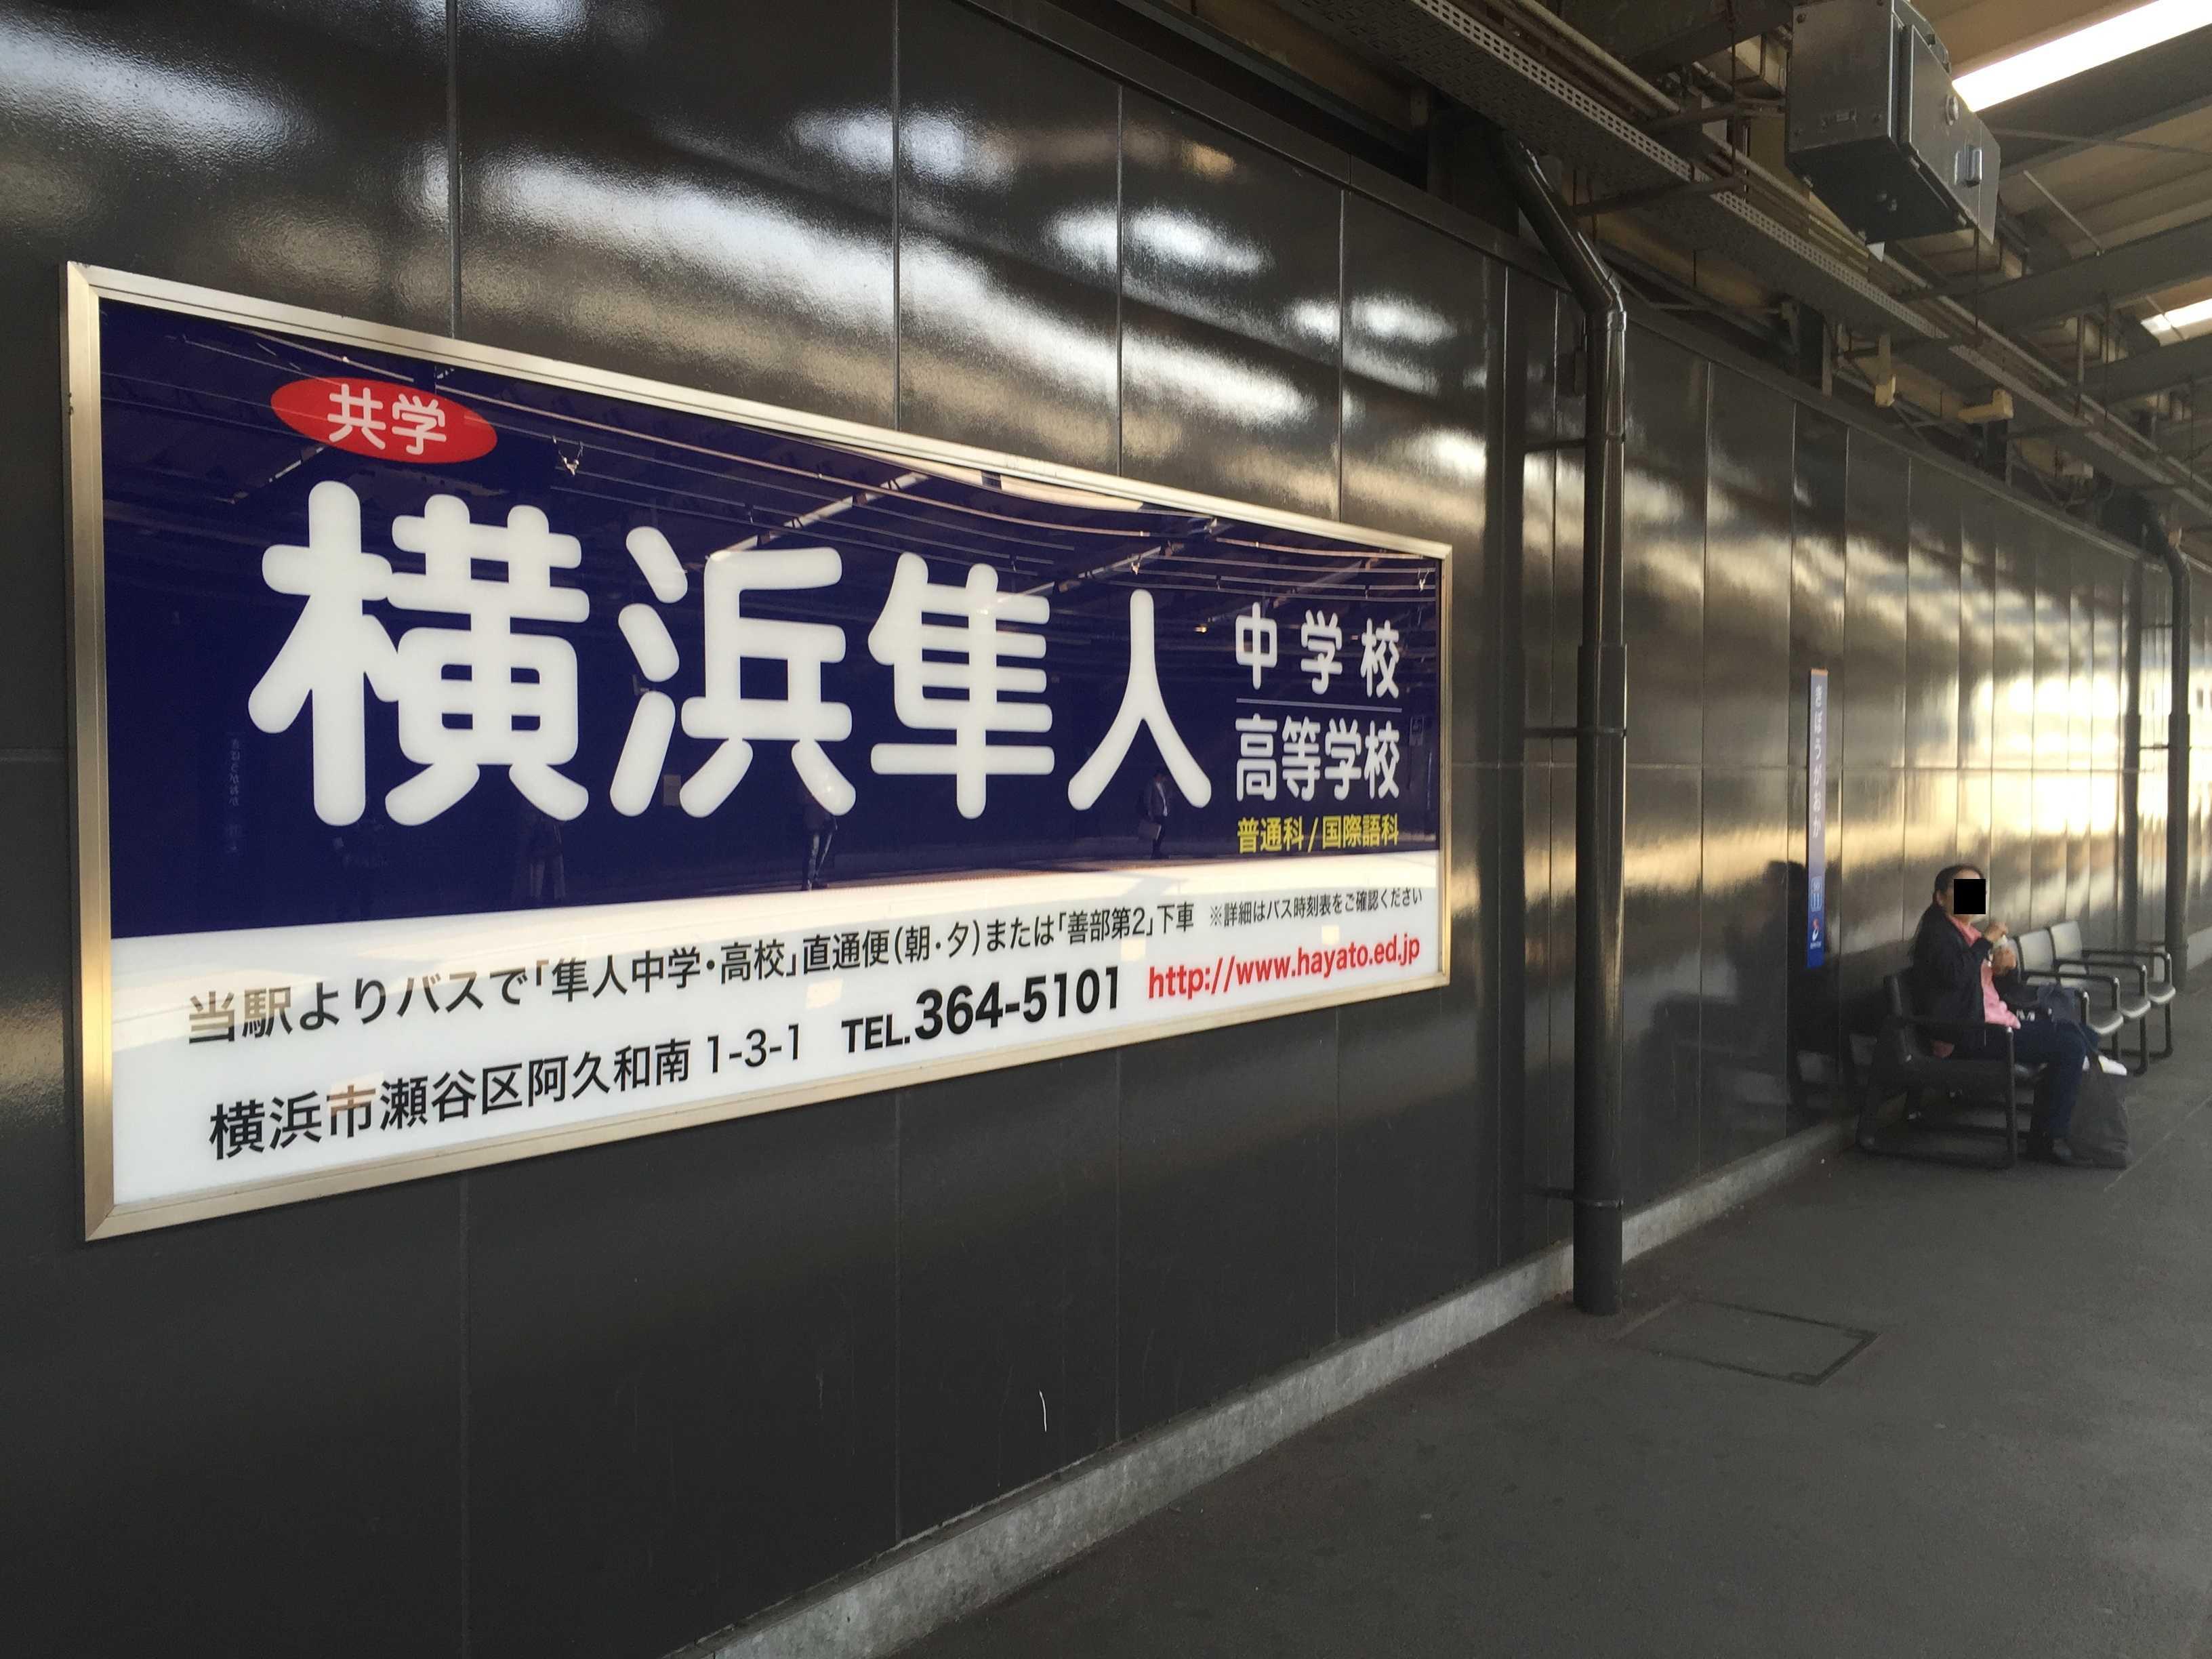 横浜隼人高校の駅看板